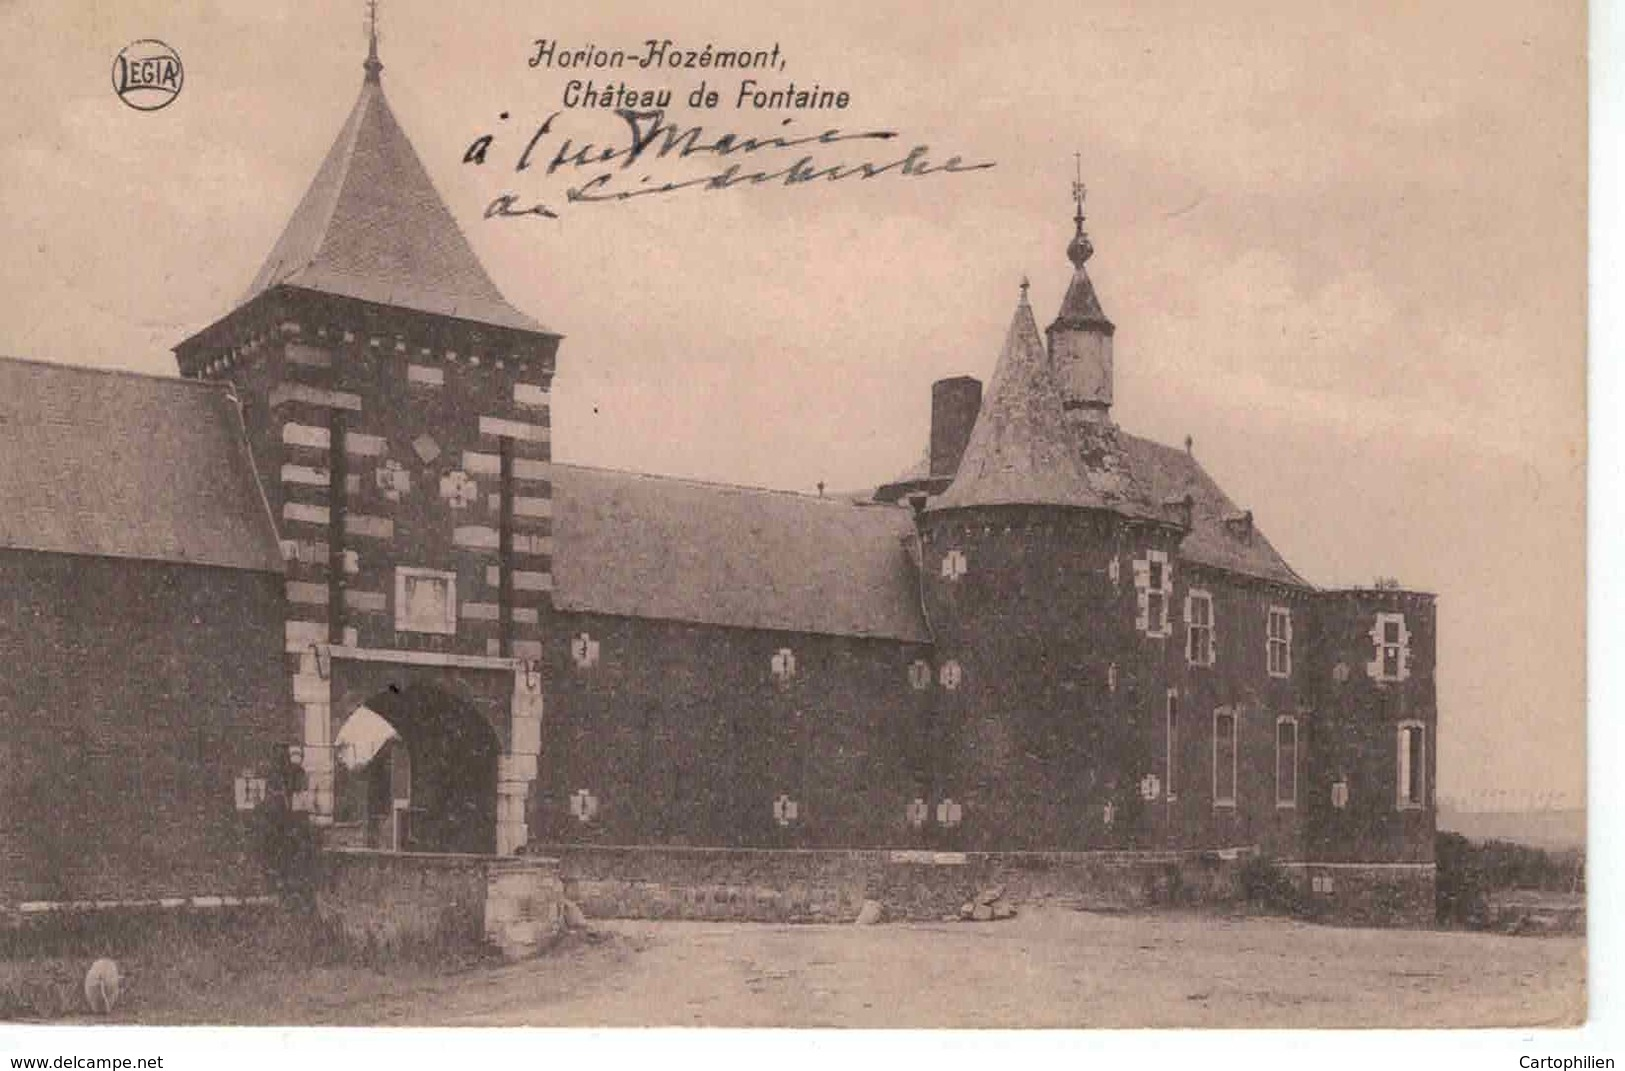 Horion-Hozémont Château De Fontaine - Grace-Hollogne